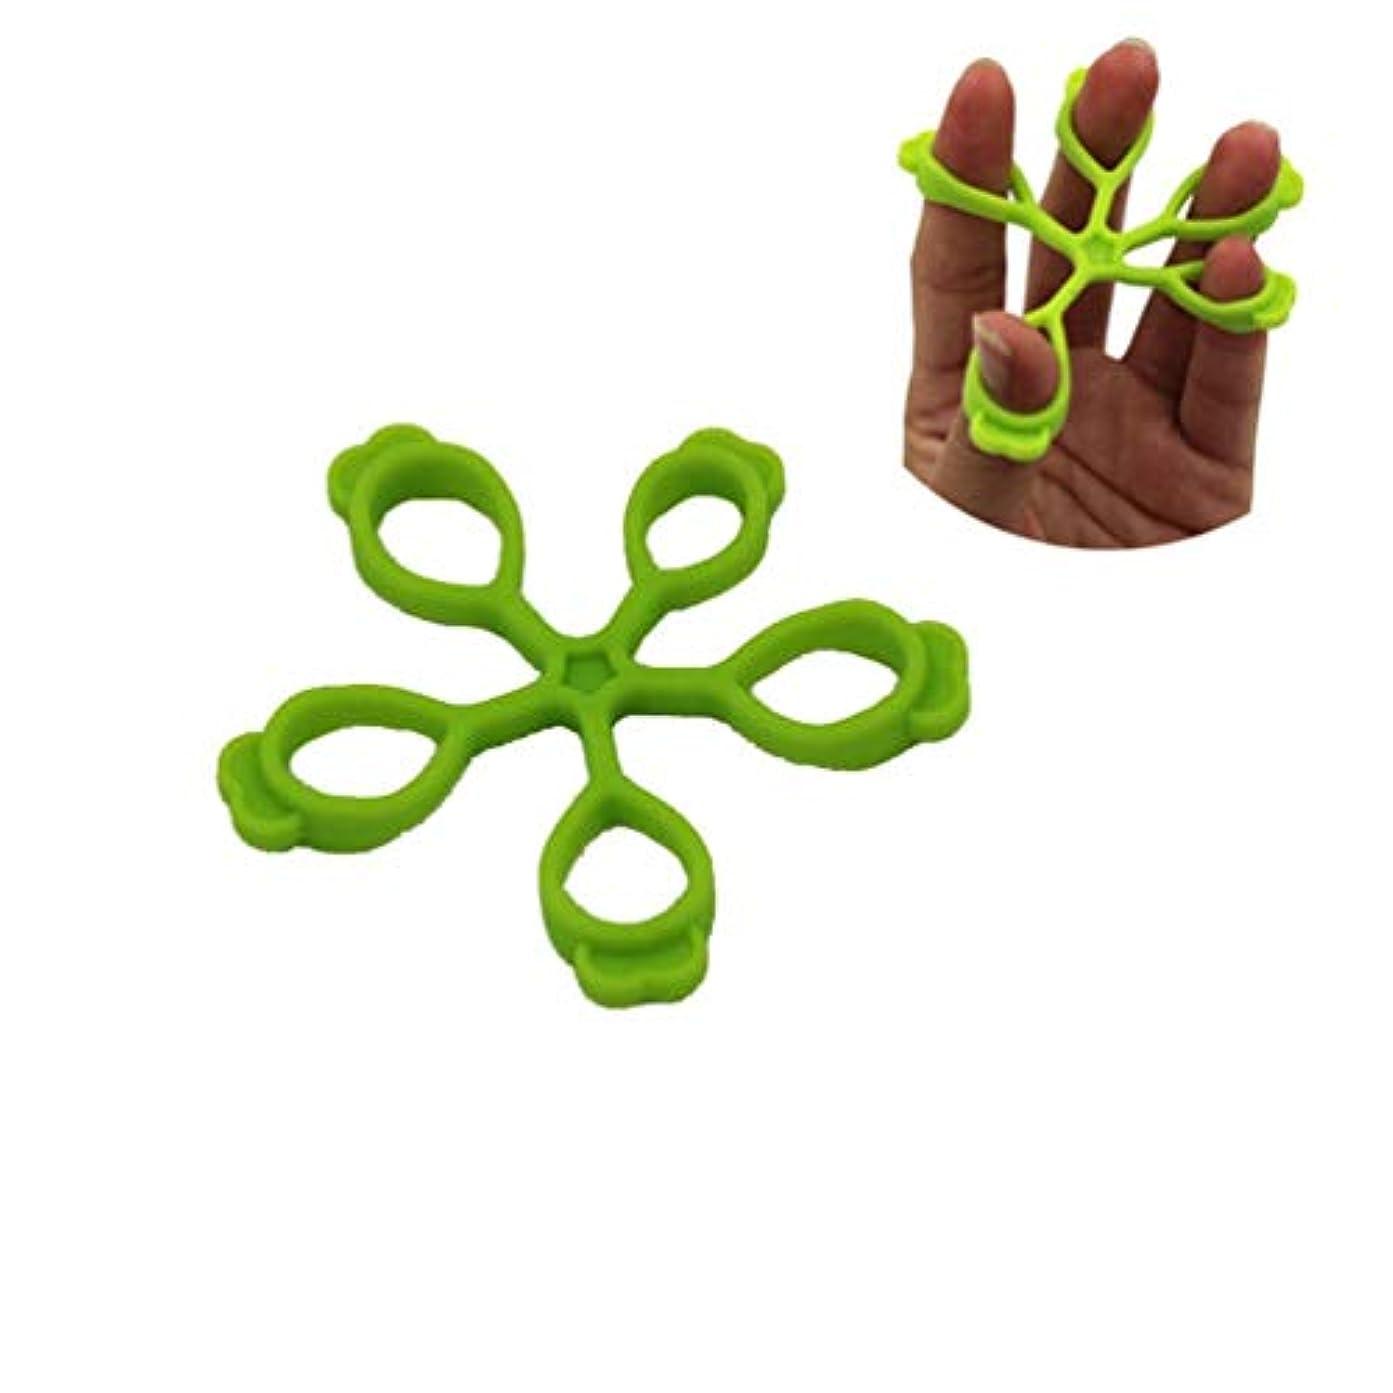 レトルト慈善靴HLX-0115パターンシリコンフィンガートレーナー - グリーン